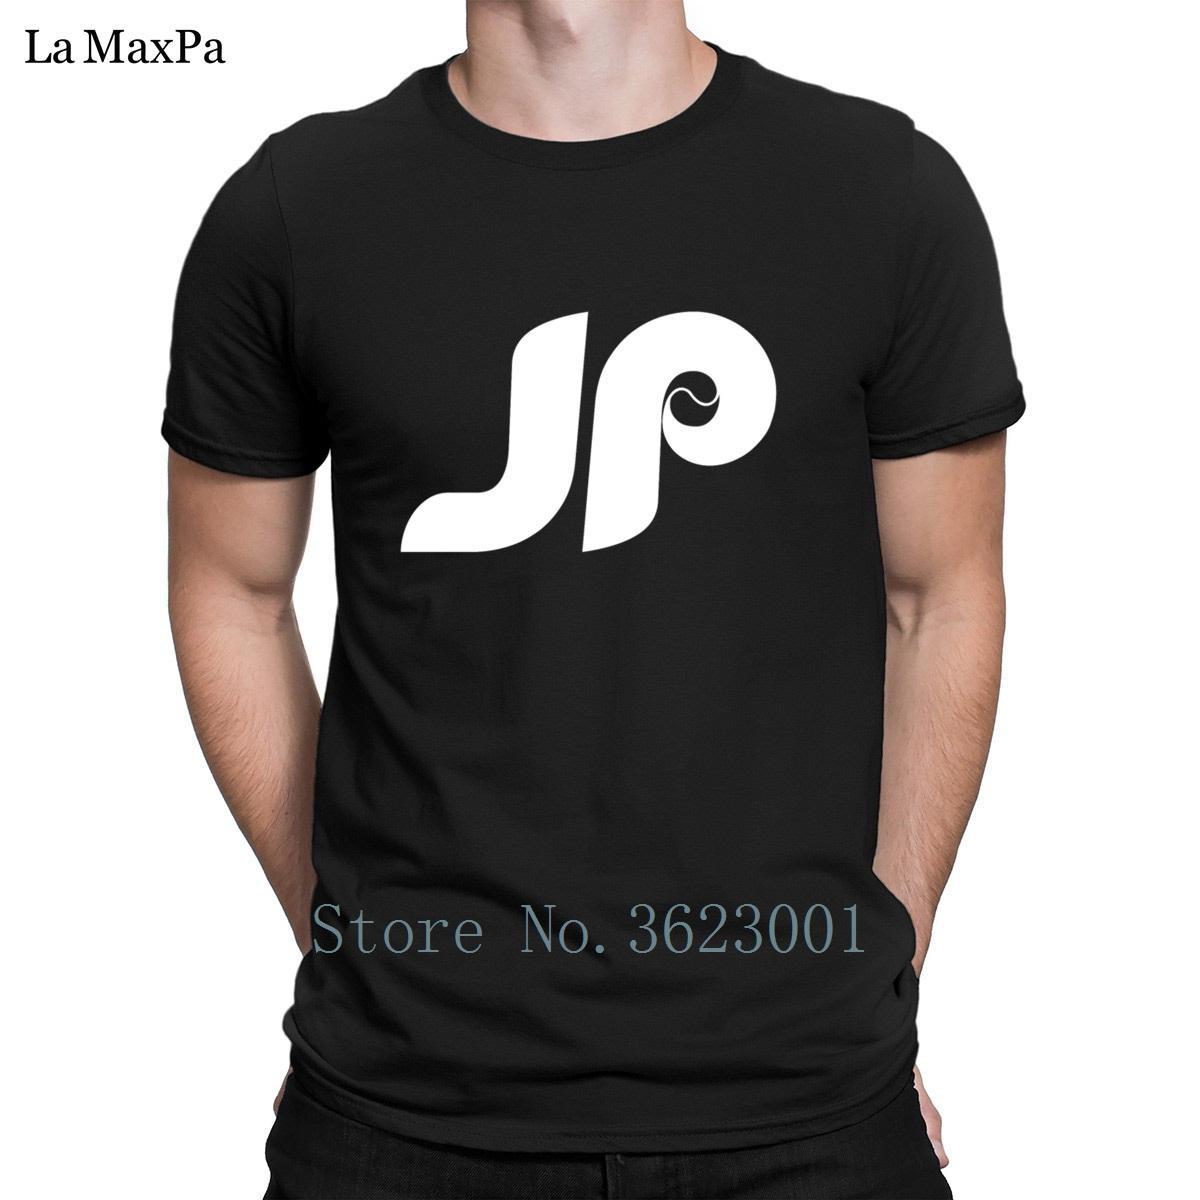 Custom Letter T Shirt For Men Jp Tshirt Mens Spring Autumn Tee Shirt